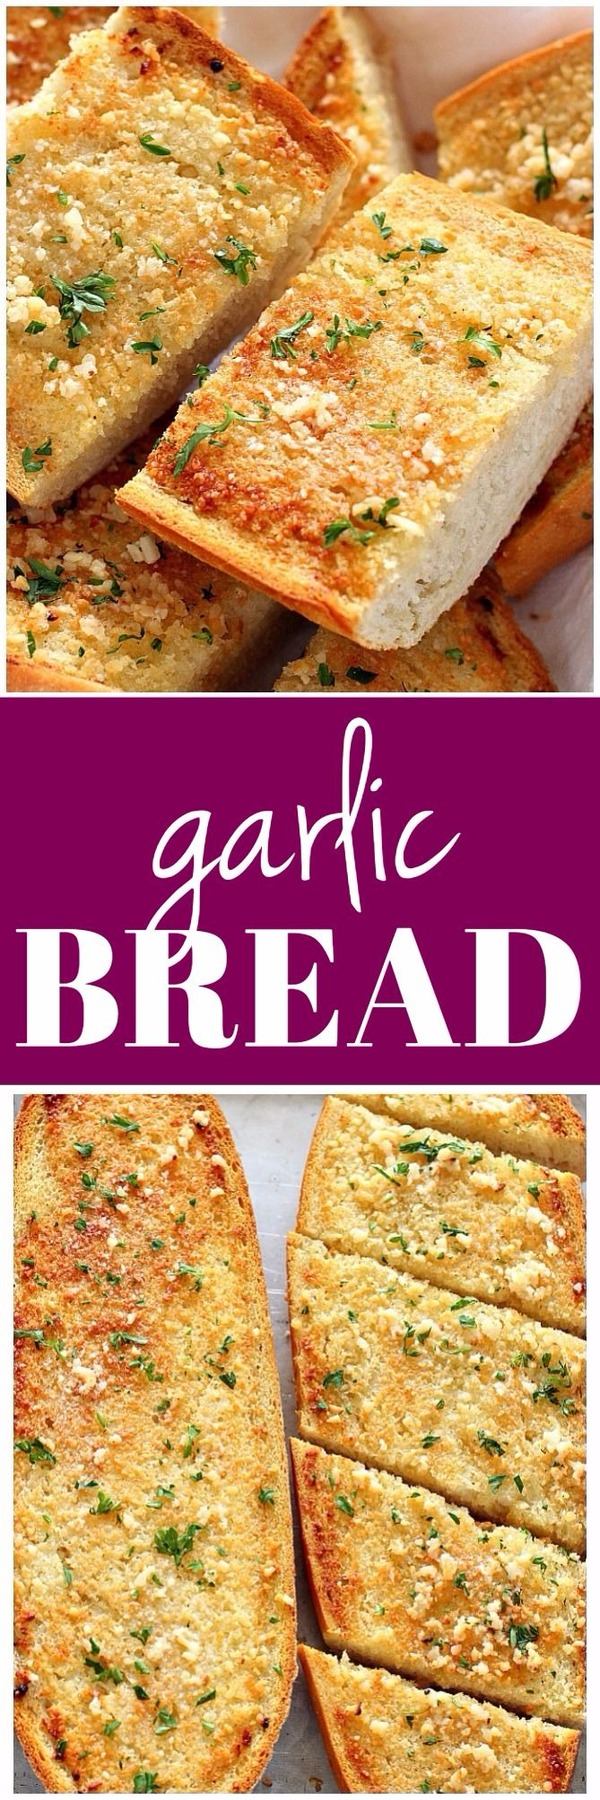 Рецепт чесночного хлеба рецепт, хлеб, готовка, чесночный хлеб, длиннопост